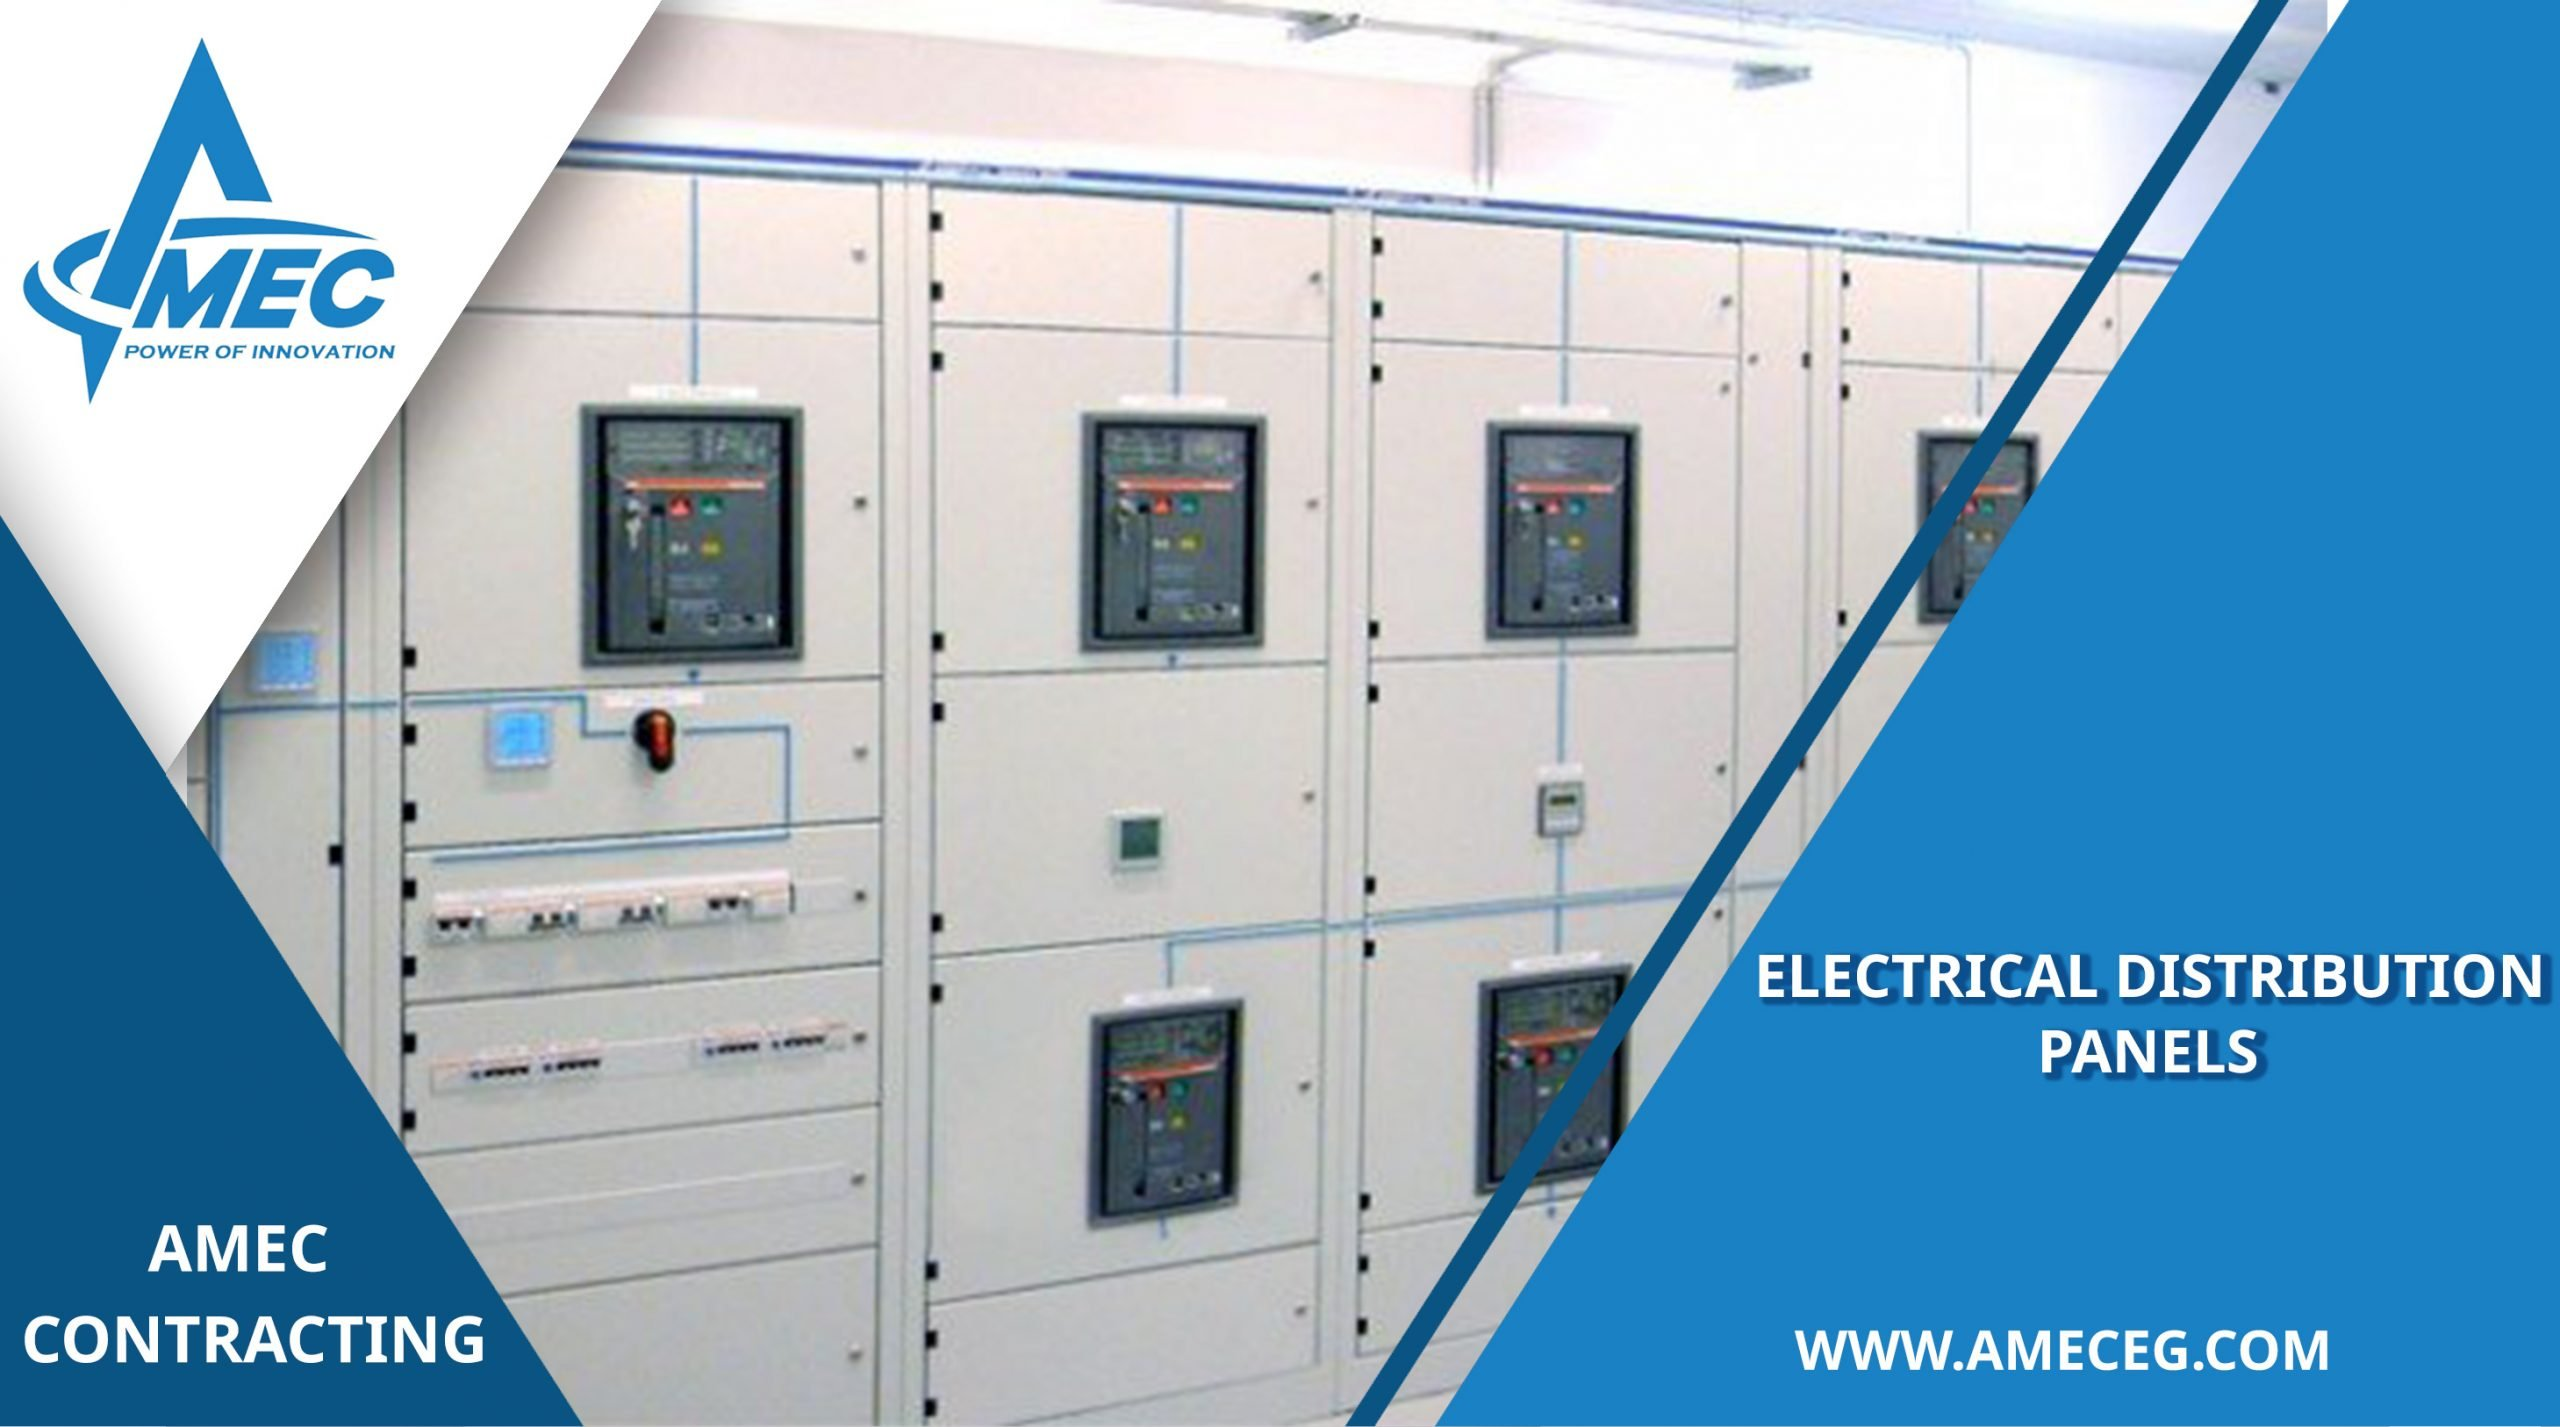 تصميم لوحات التوزيع الكهربائية